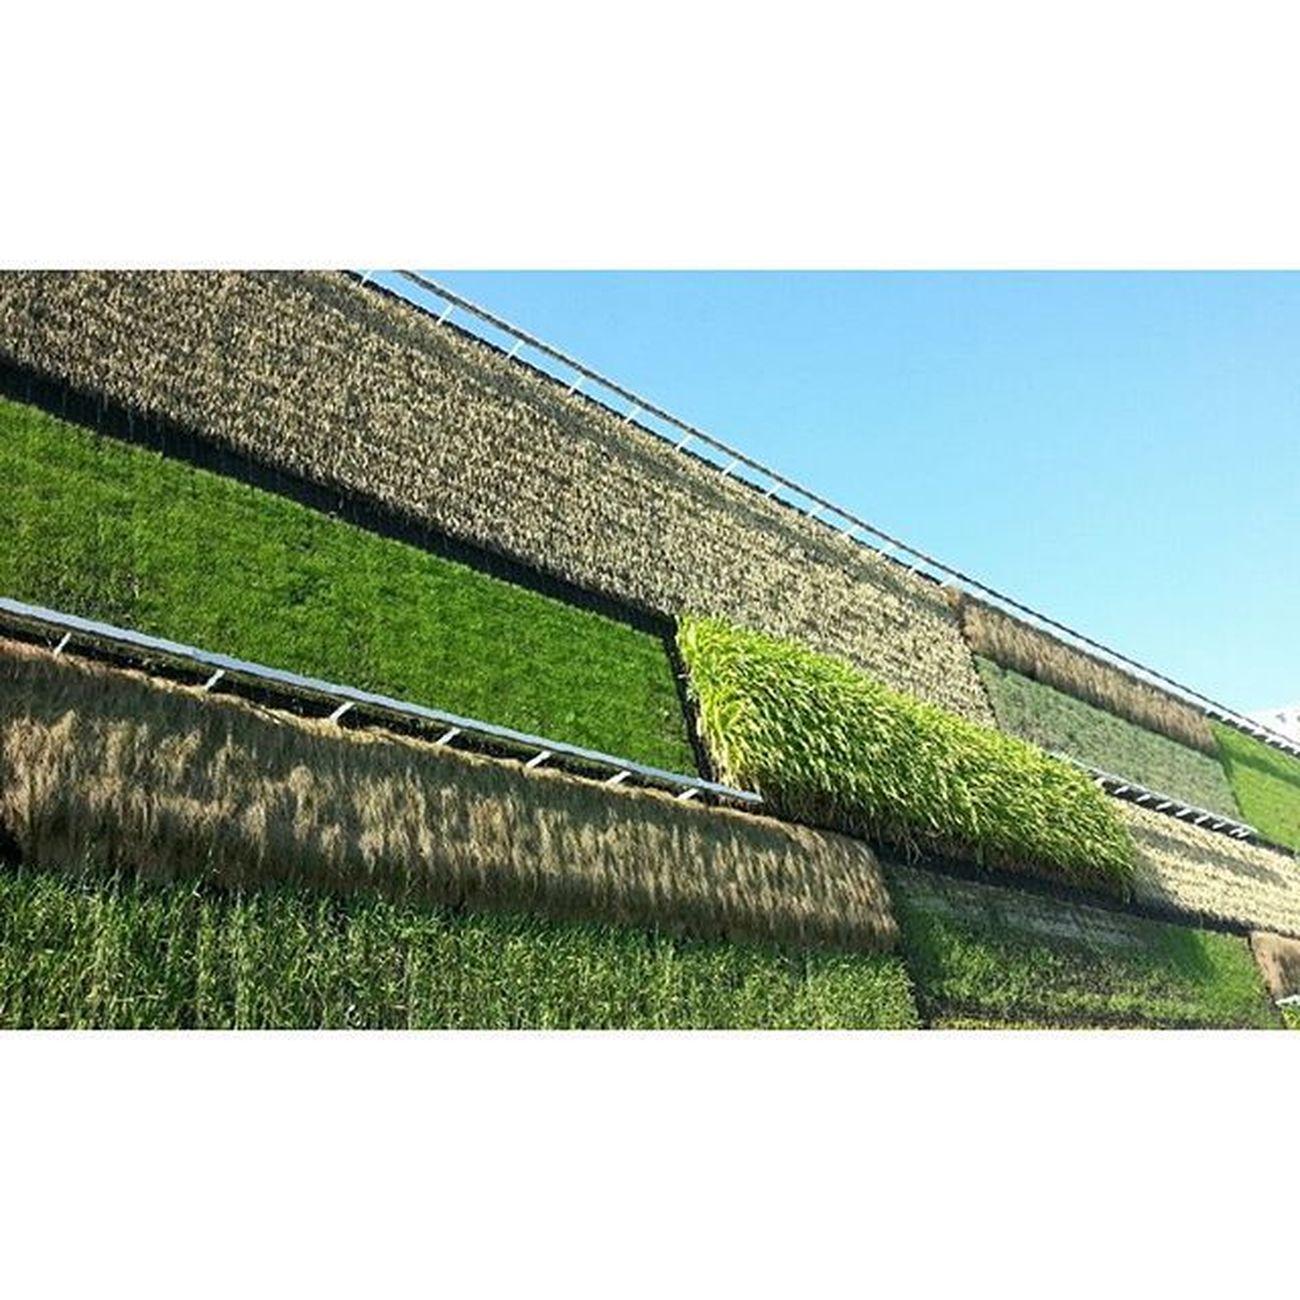 Padiglione Israele. Un tuffo tra il verde e l'azzurro Expo2015 Israele Milano @milano_go @theitalient Nofilter Greenfood Sky